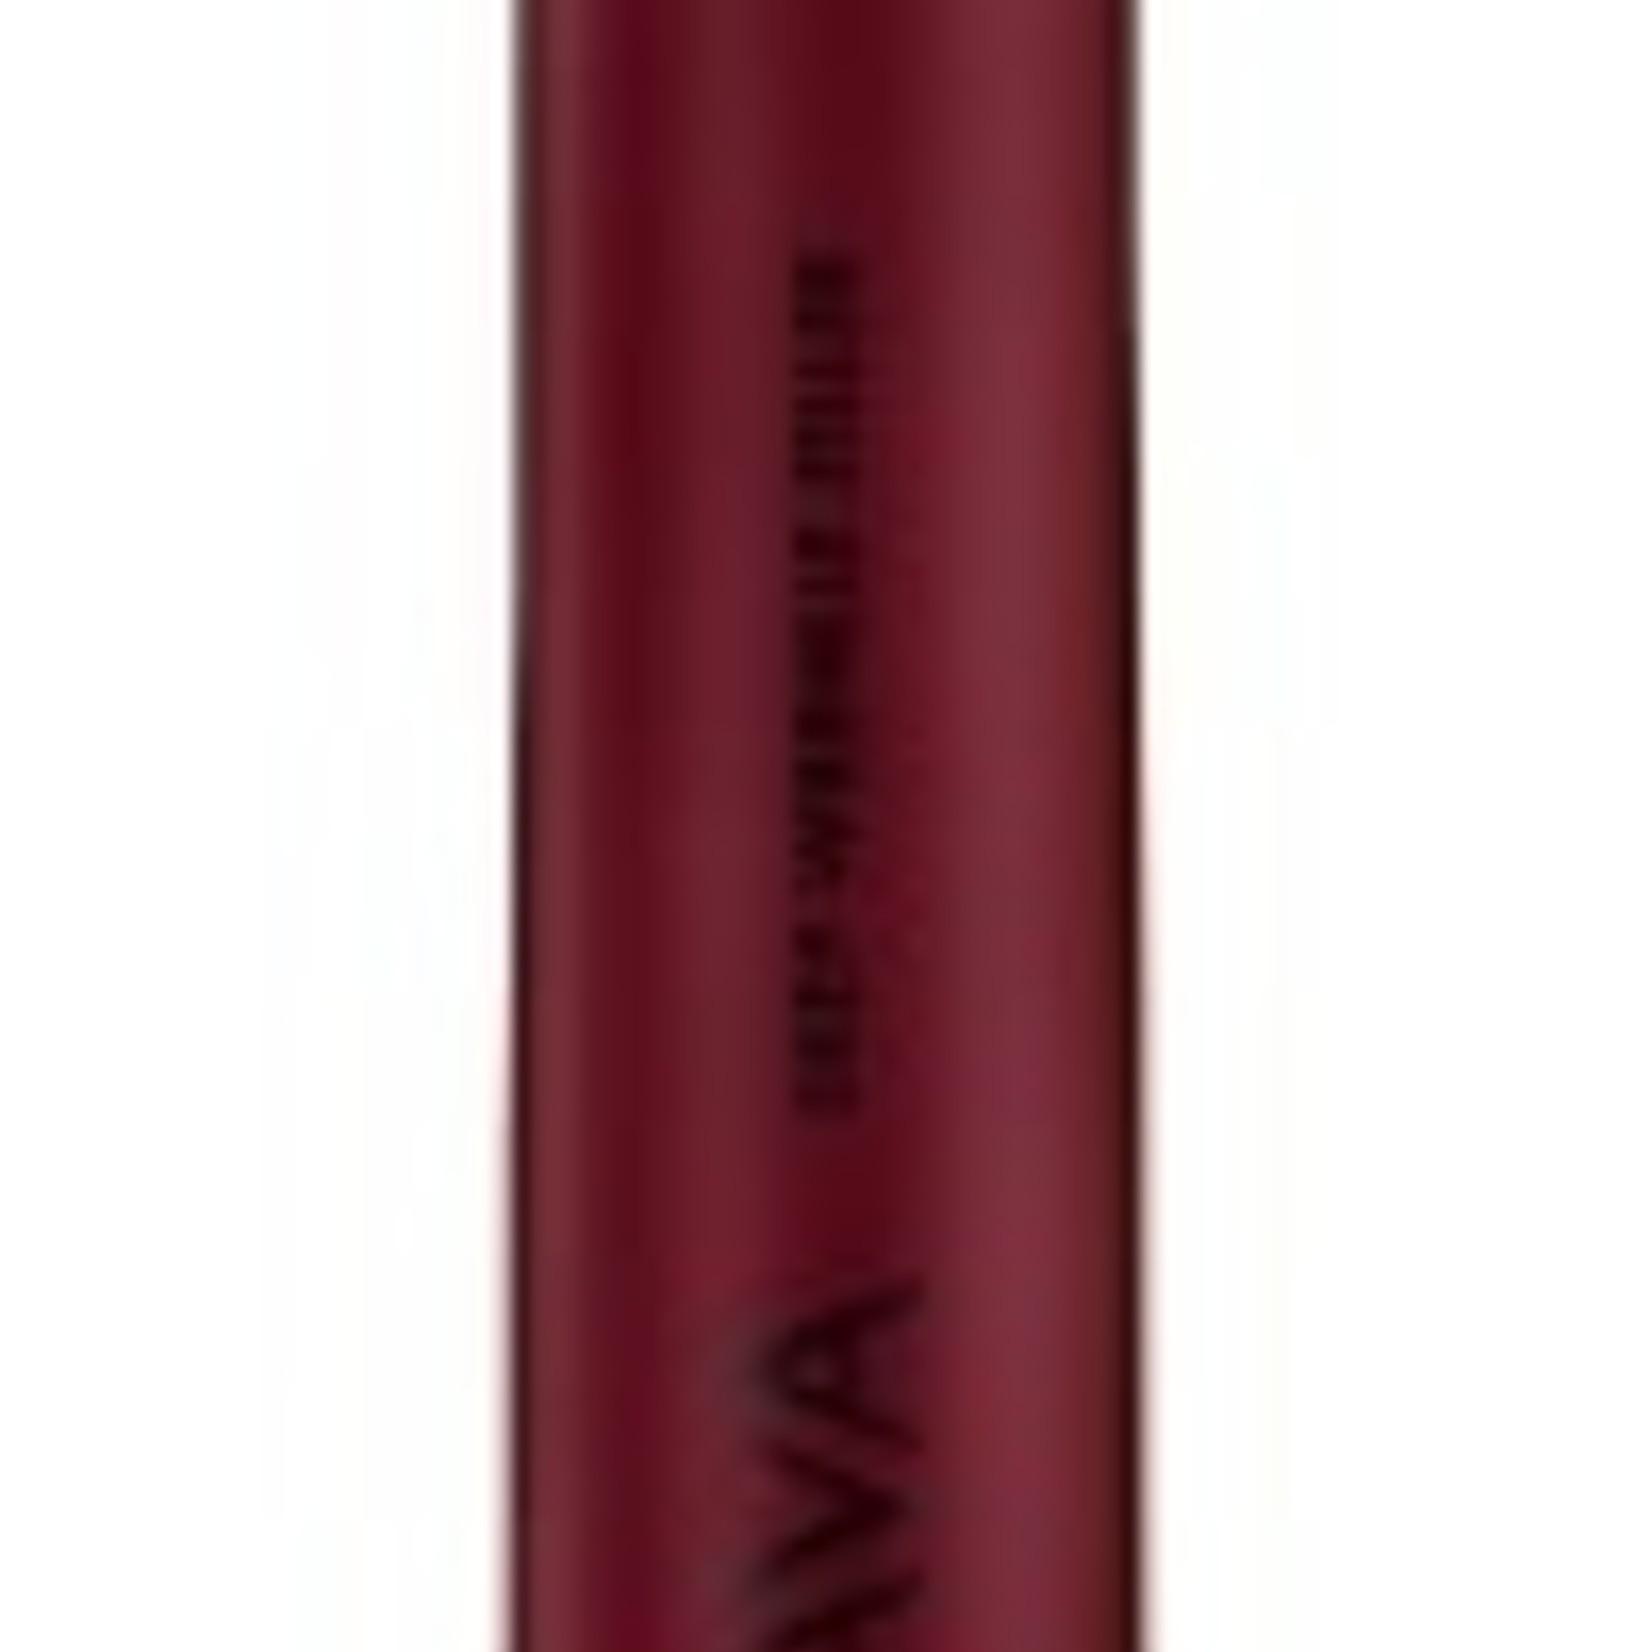 AHAVA Deep wrinkle filler 15ml